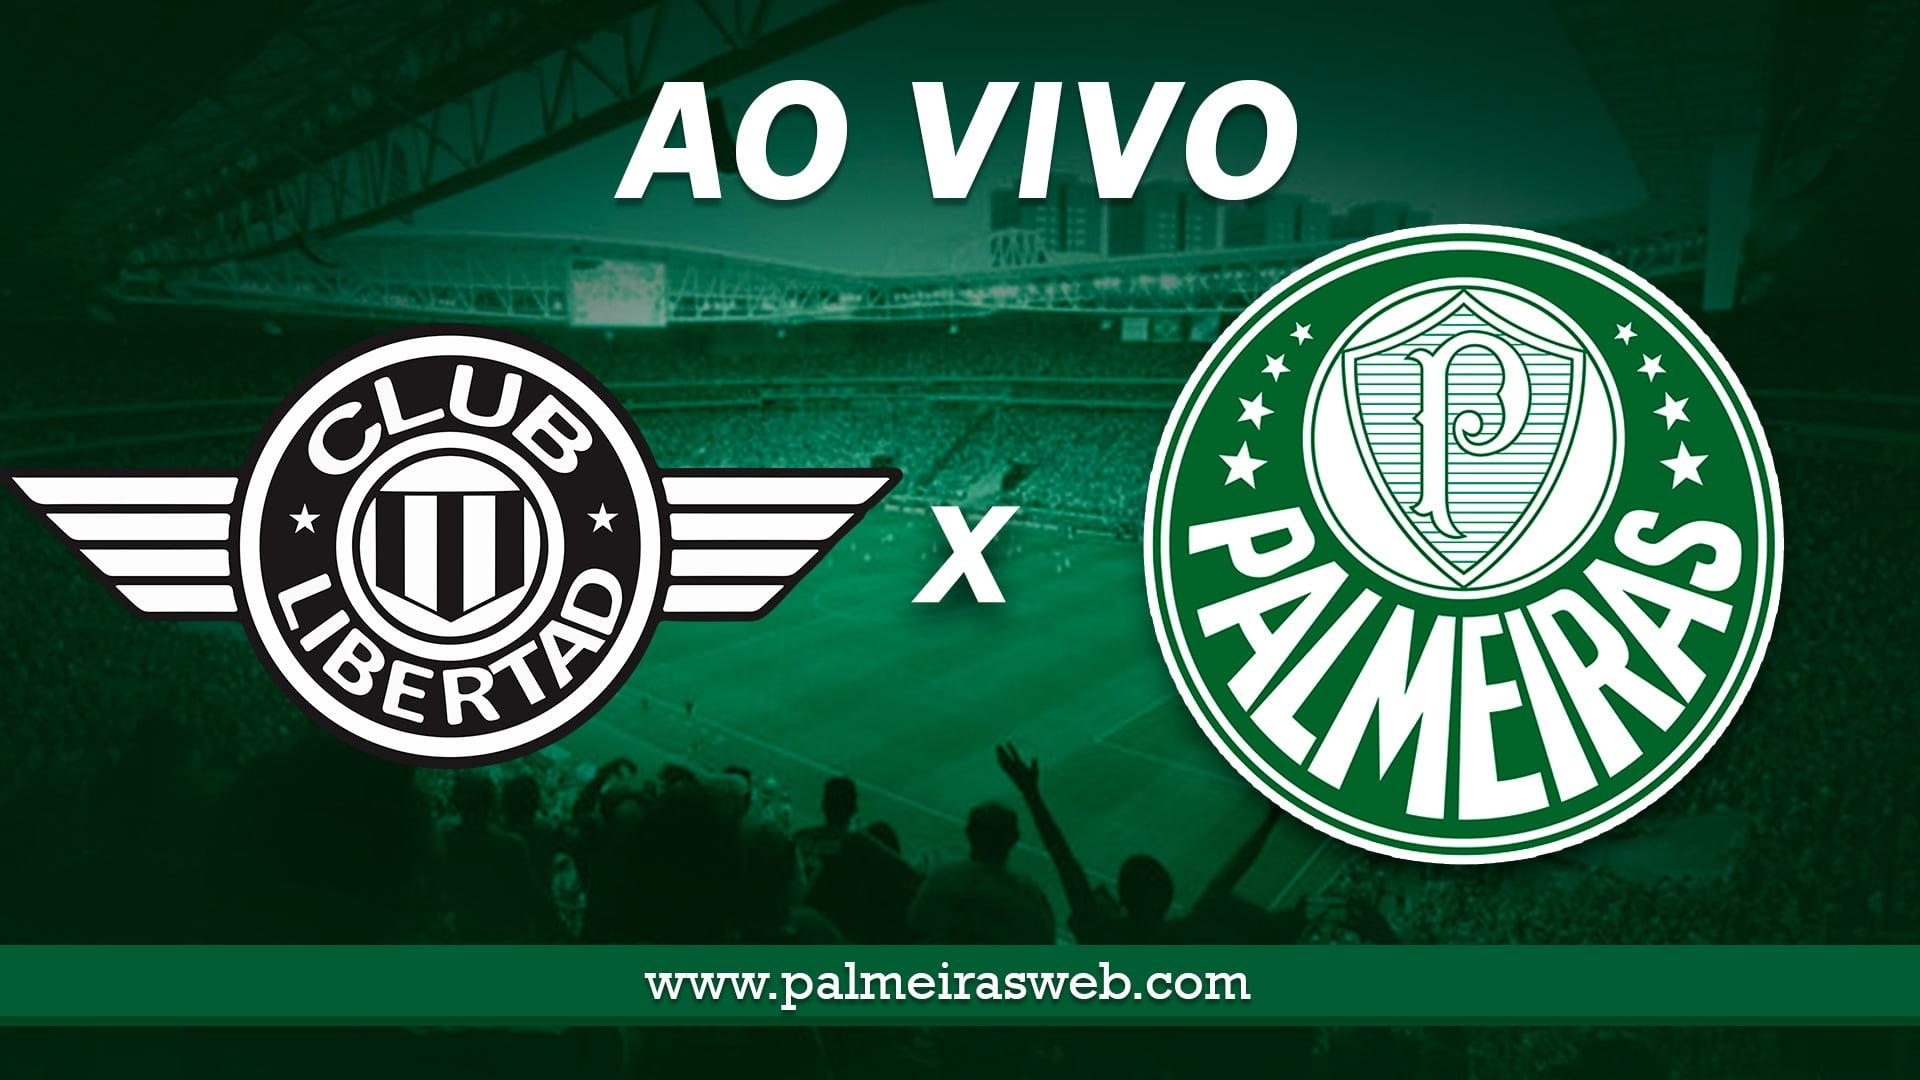 Libertad x Palmeiras AO VIVO